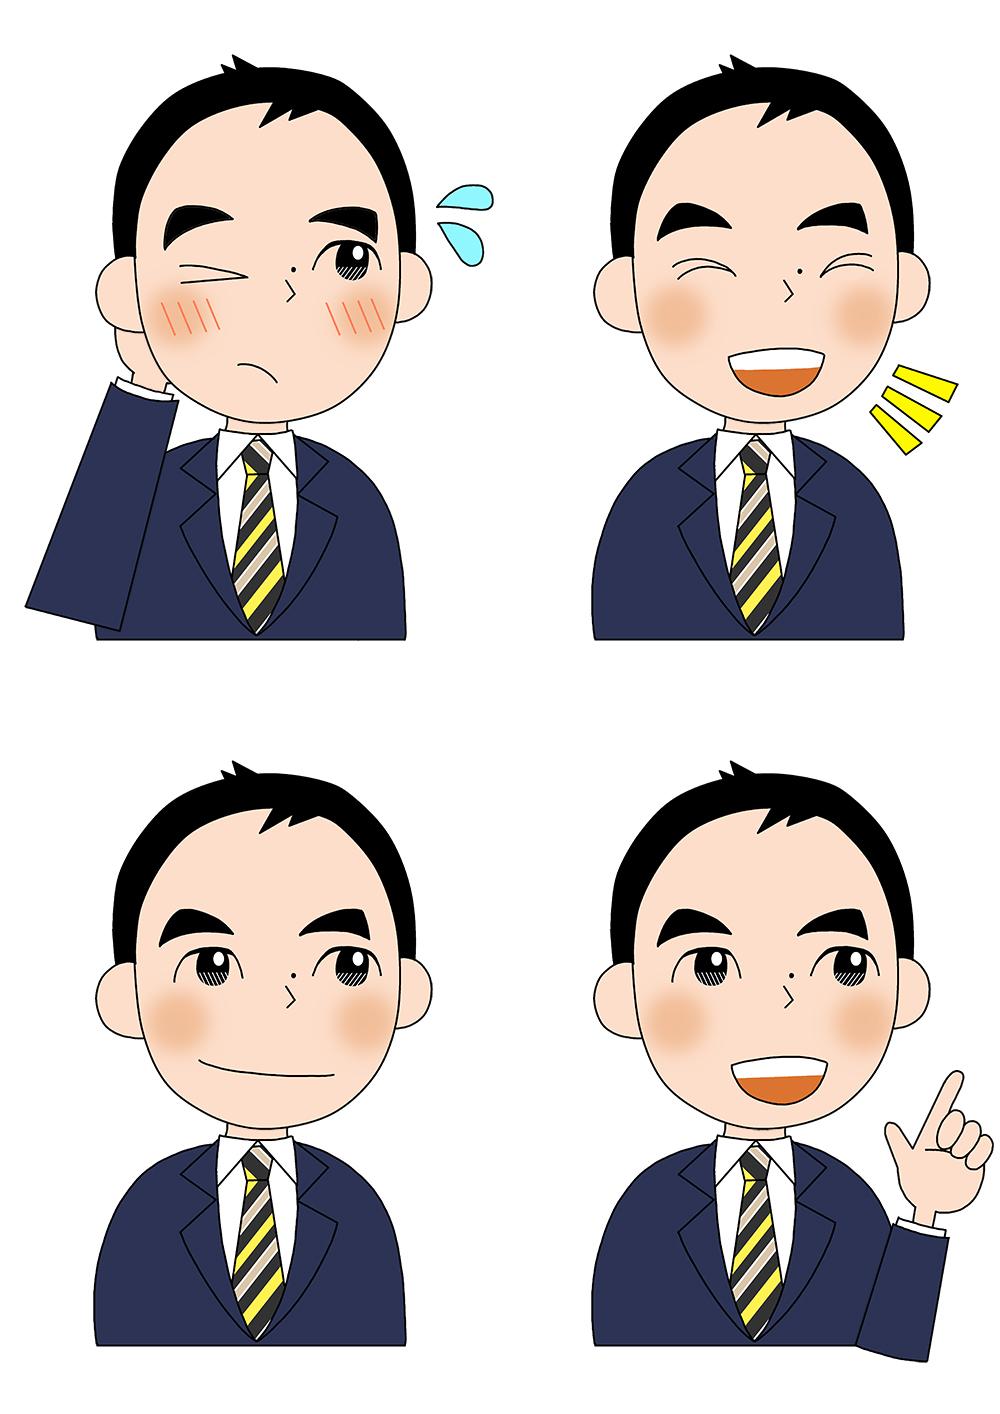 デルeカタログサイト紹介のキャラクターイラスト[画像1]